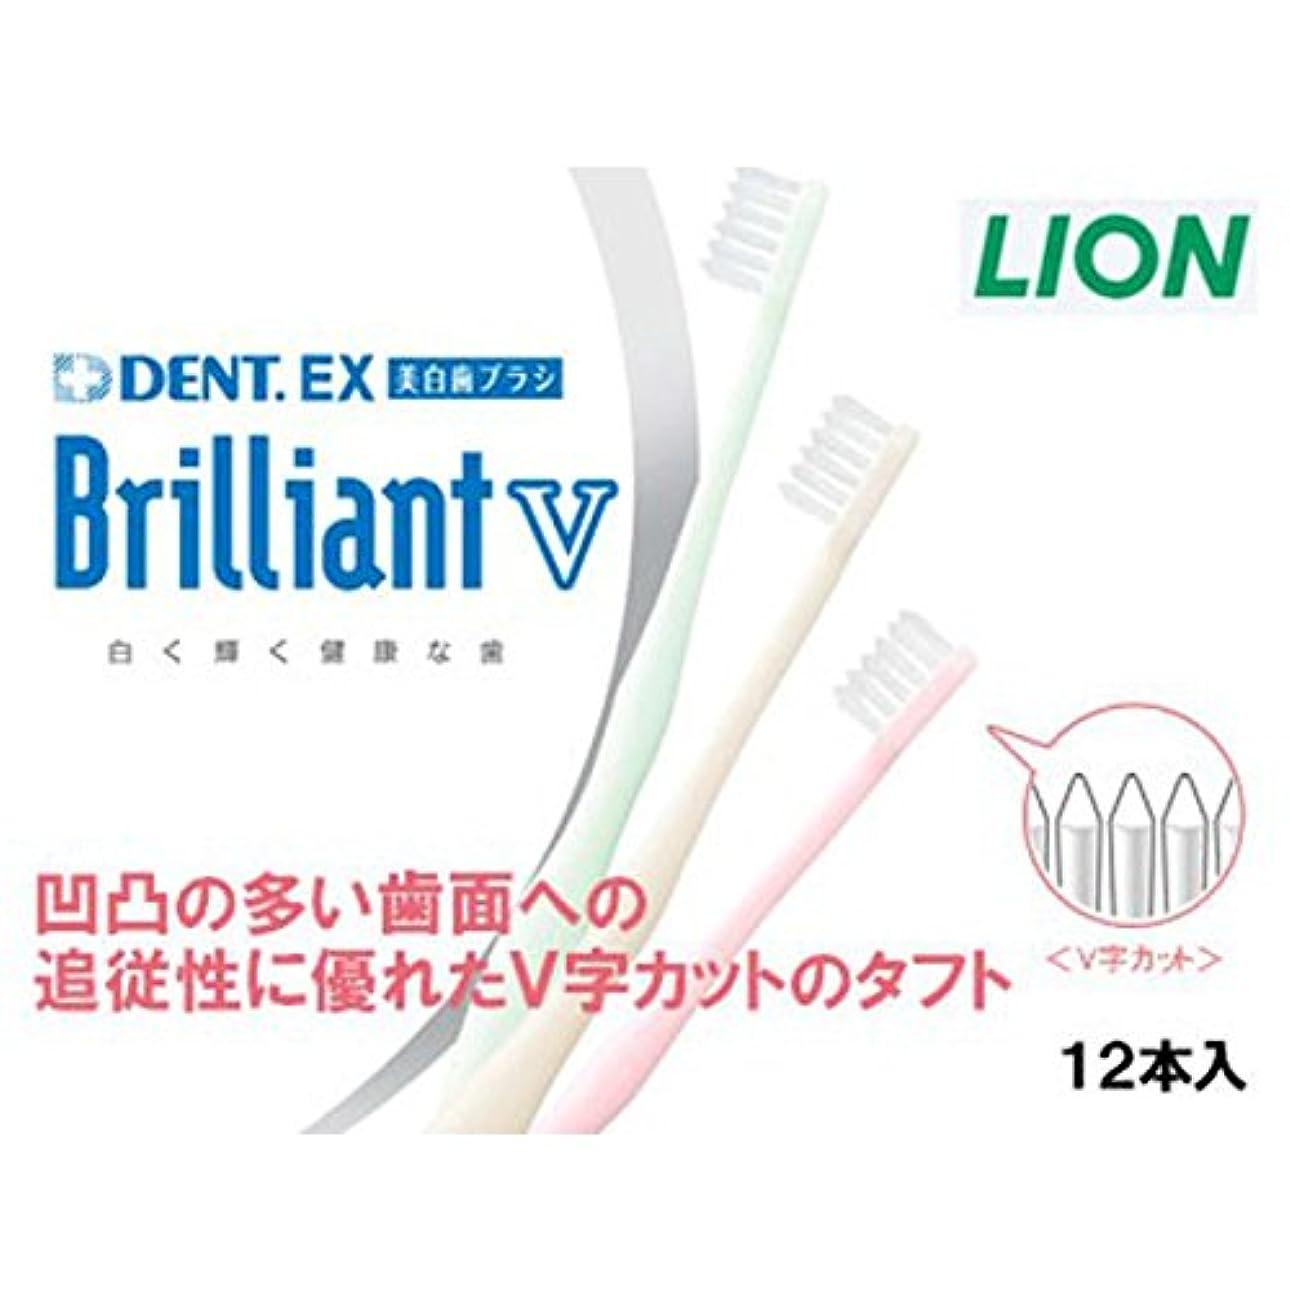 主観的チャットメロディーライオン ブリリアントV 歯ブラシ DENT.EX BrilliantV 12本